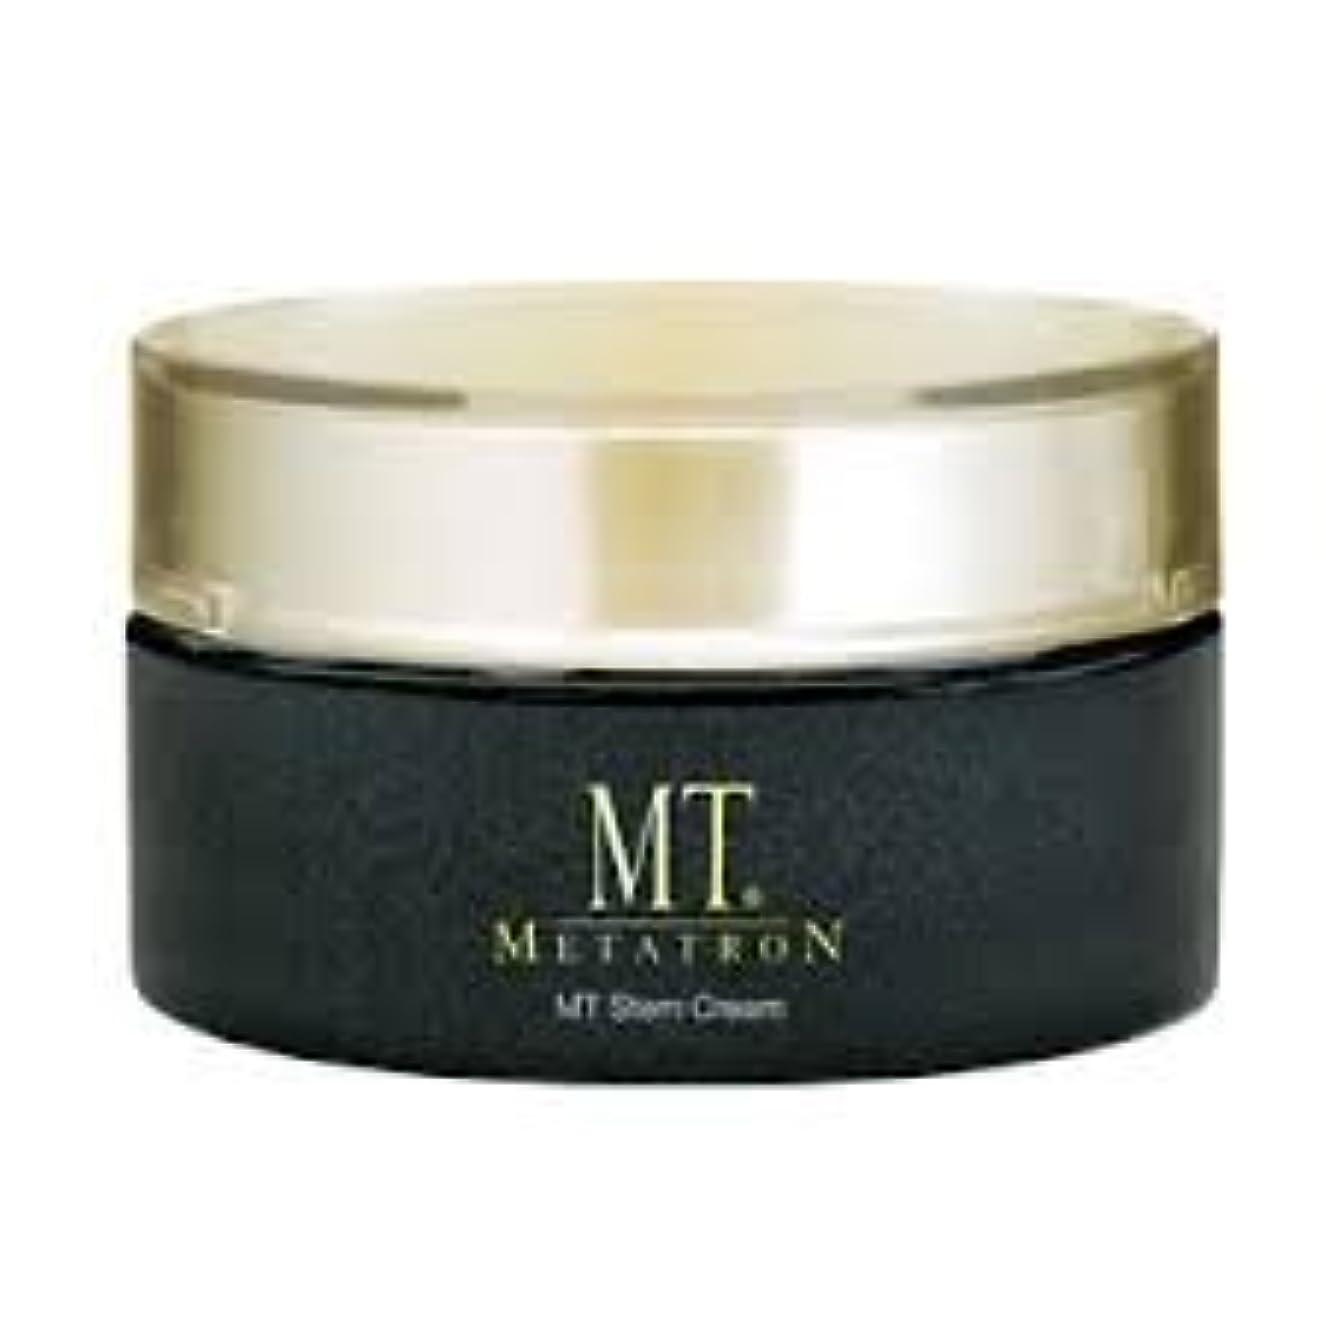 低い平均注文MTメタトロン ステムクリーム<保湿クリーム> 30g